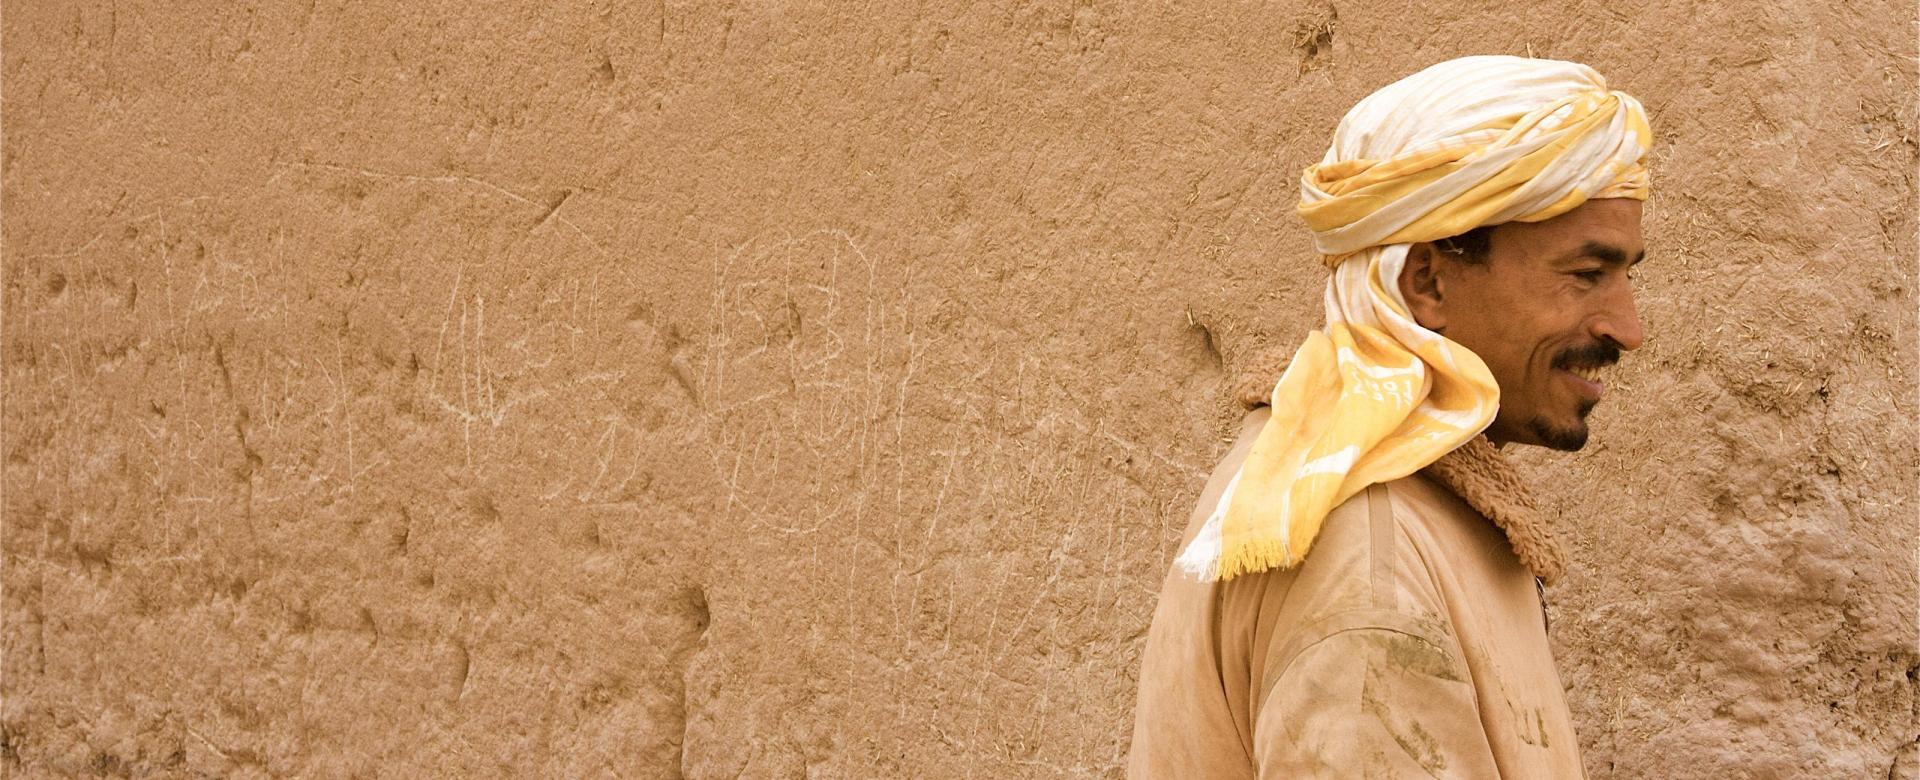 Voyage à pied : Maroc : A la rencontre des berbères